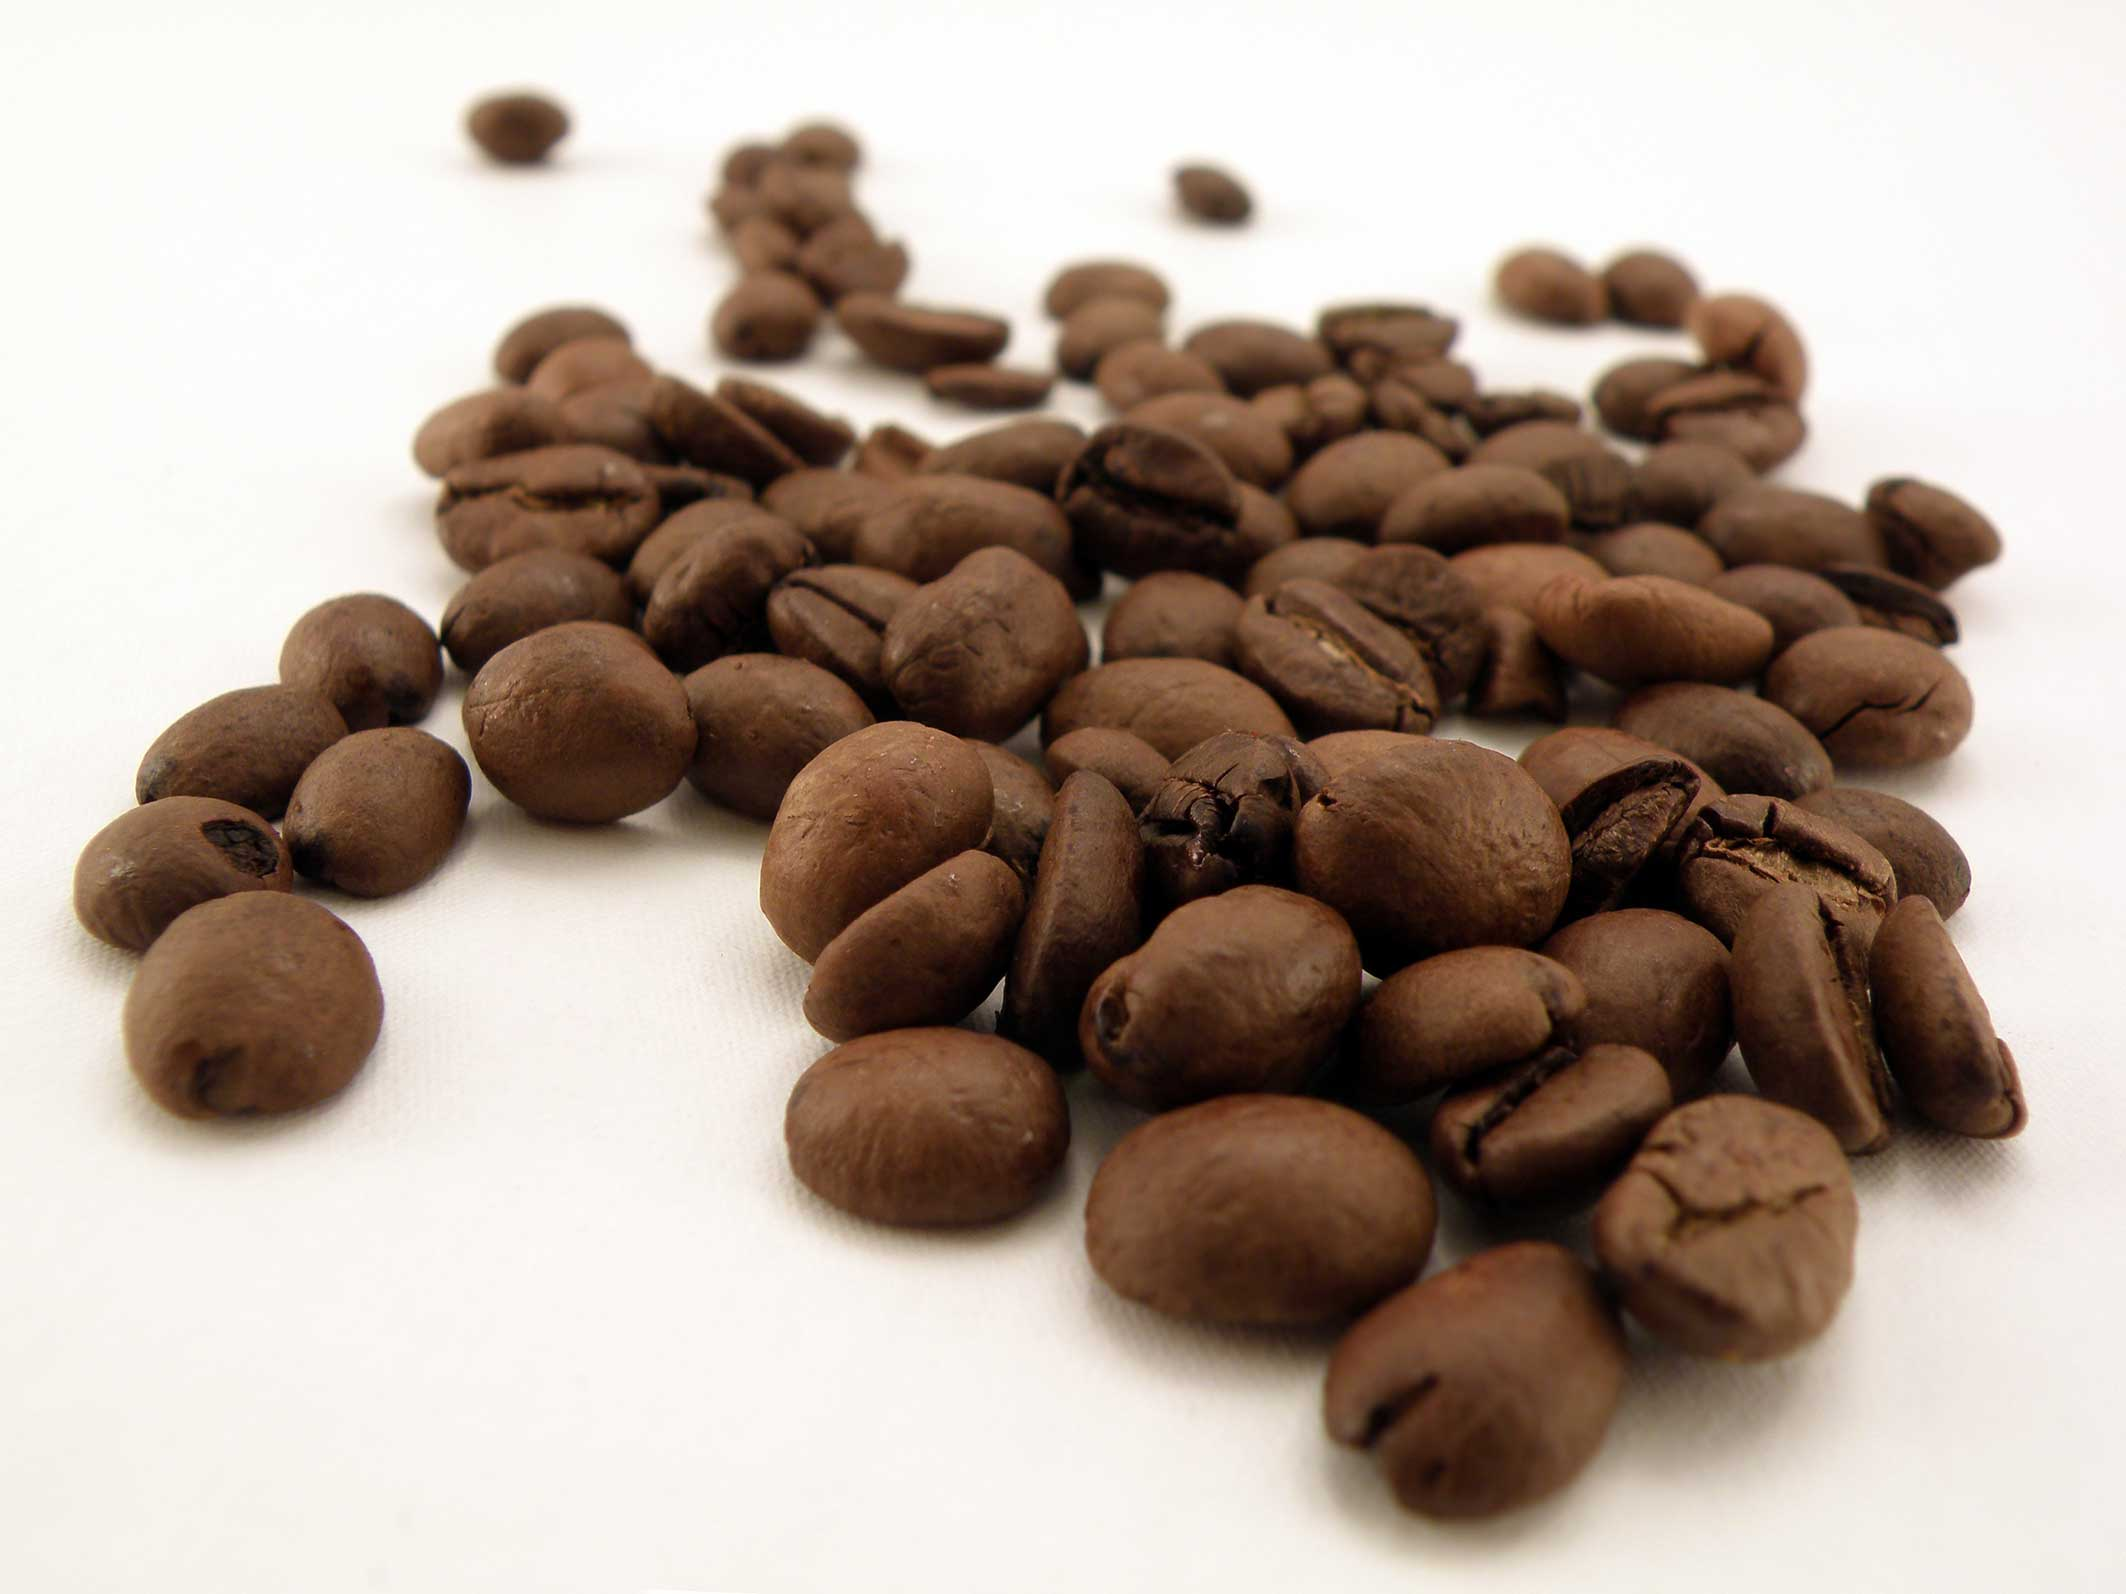 Lời khuyên khi giảm cân bằng cà phê